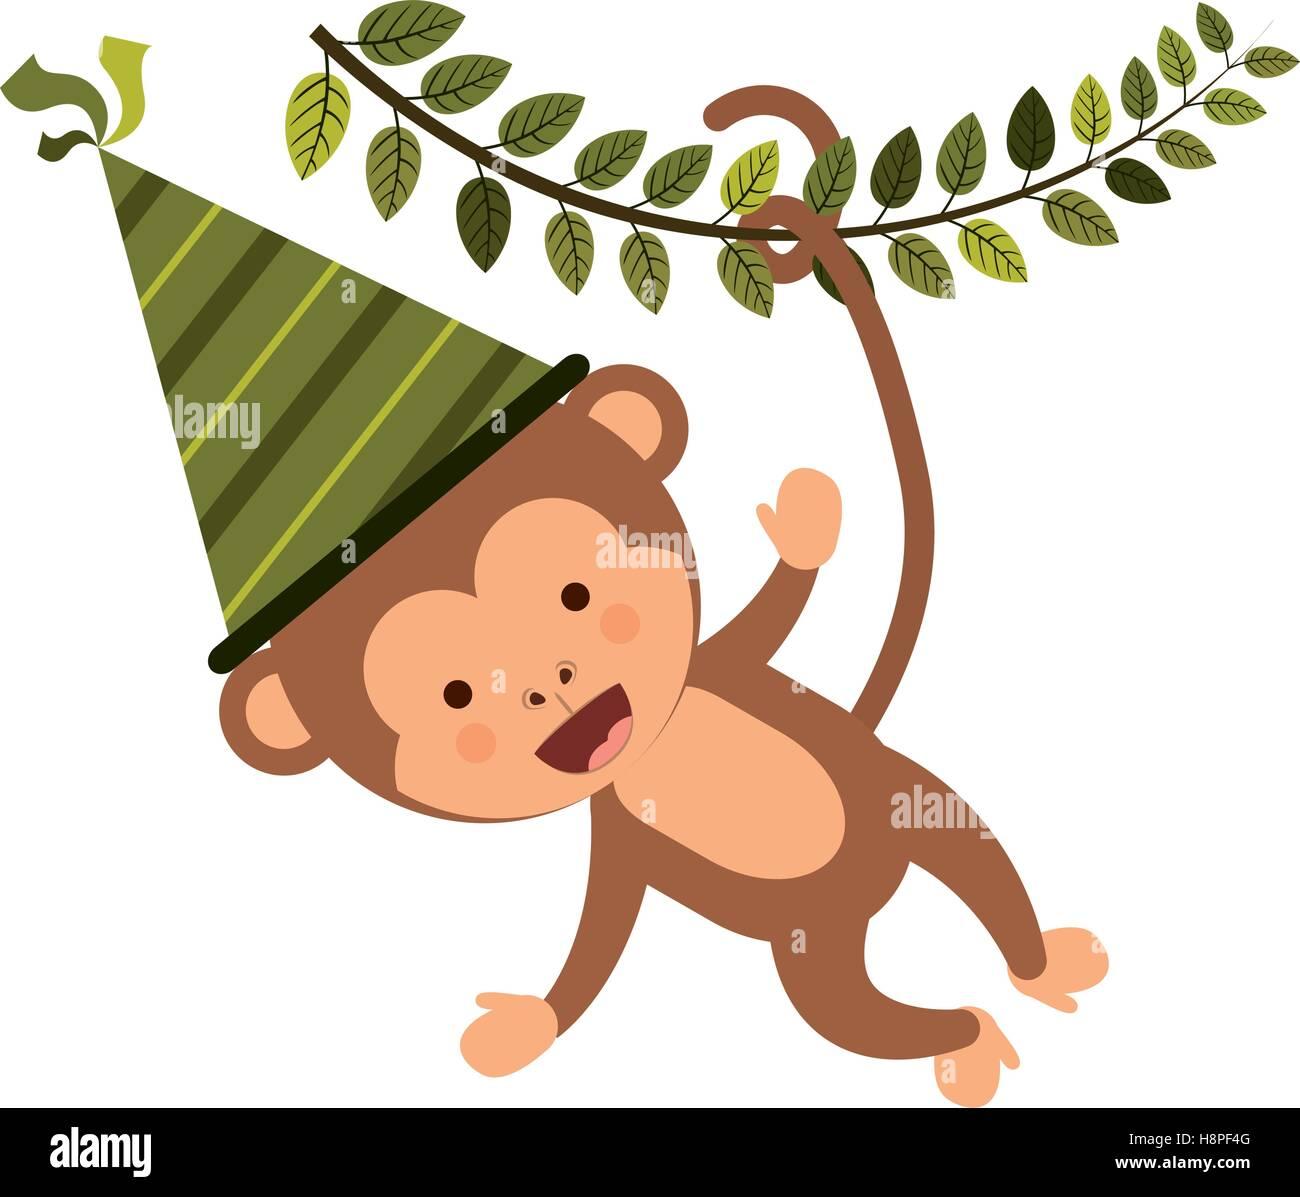 Affe Comic Mit Party Hut Symbol Alles Gute Zum Geburtstag Feier